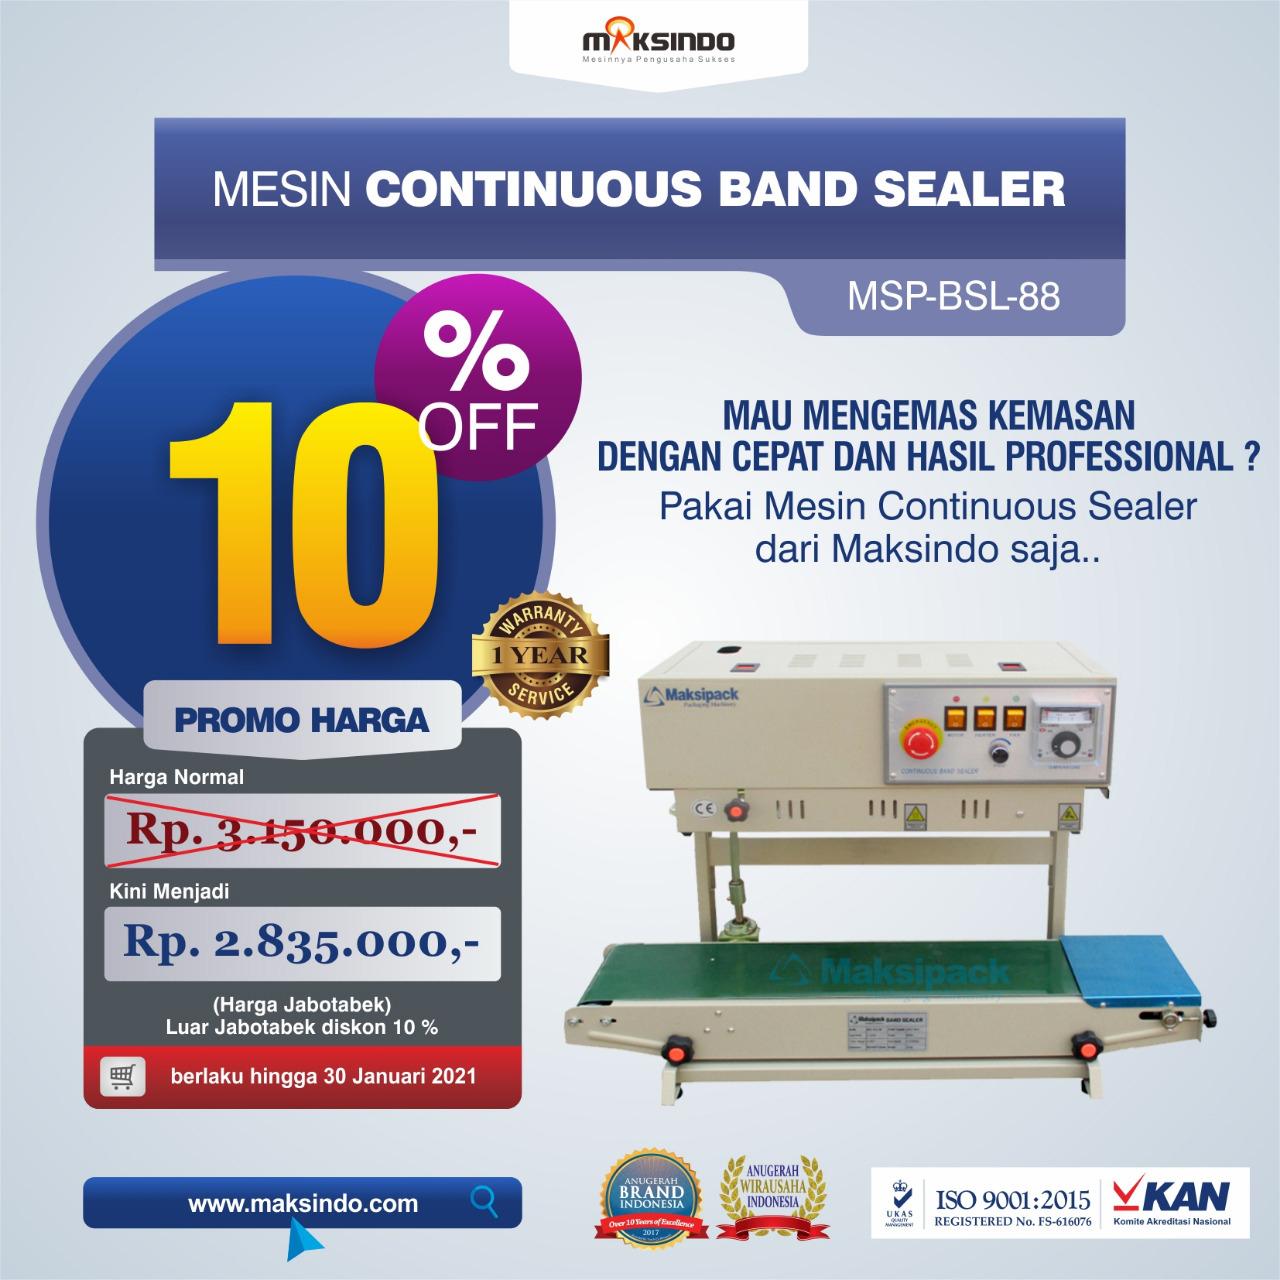 Jual Mesin Continuous Band Sealer MSP-BSL-88 di Semarang